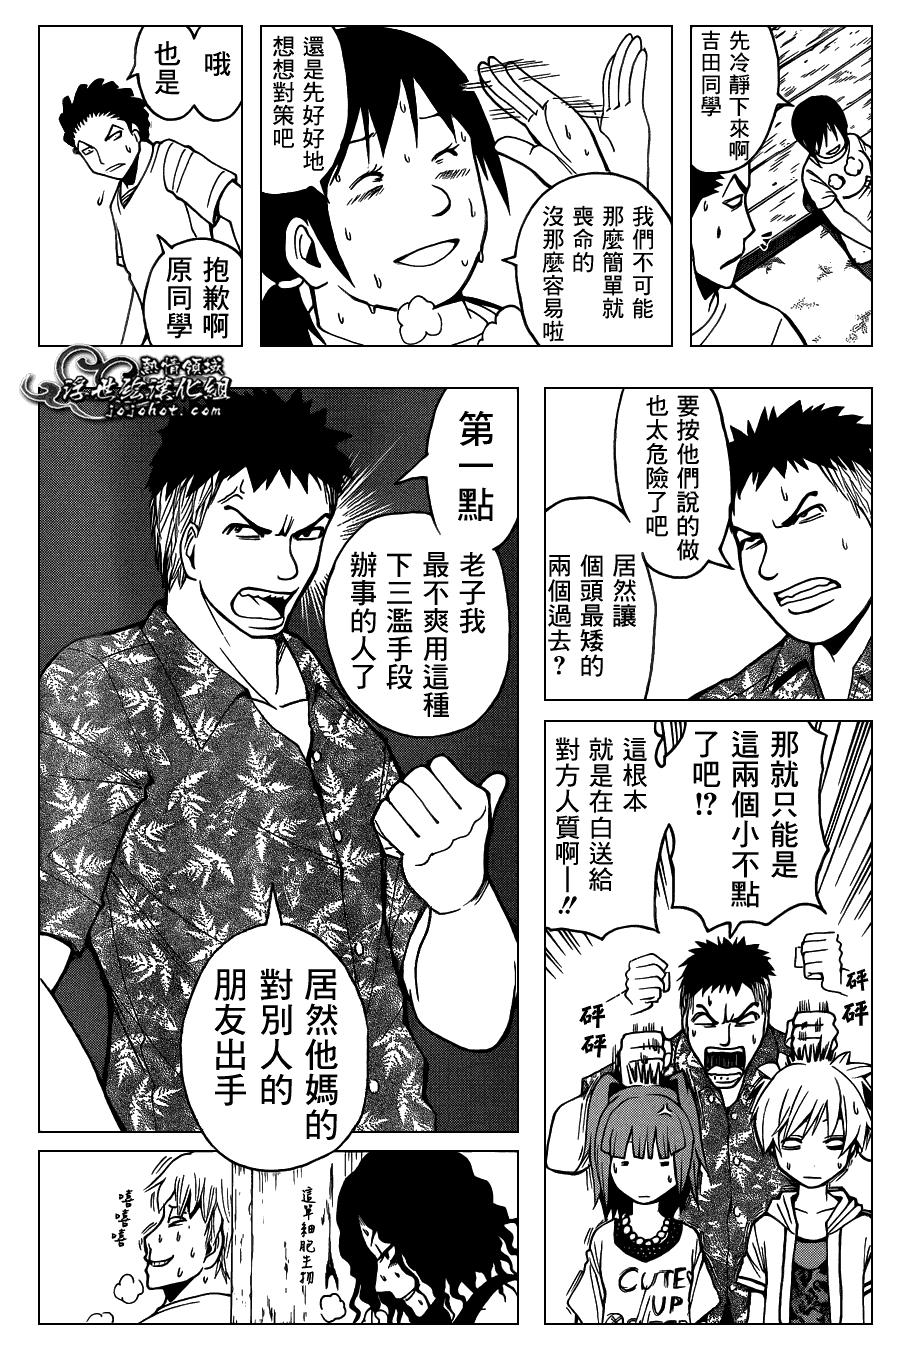 暗殺教室: 61話 - 第8页